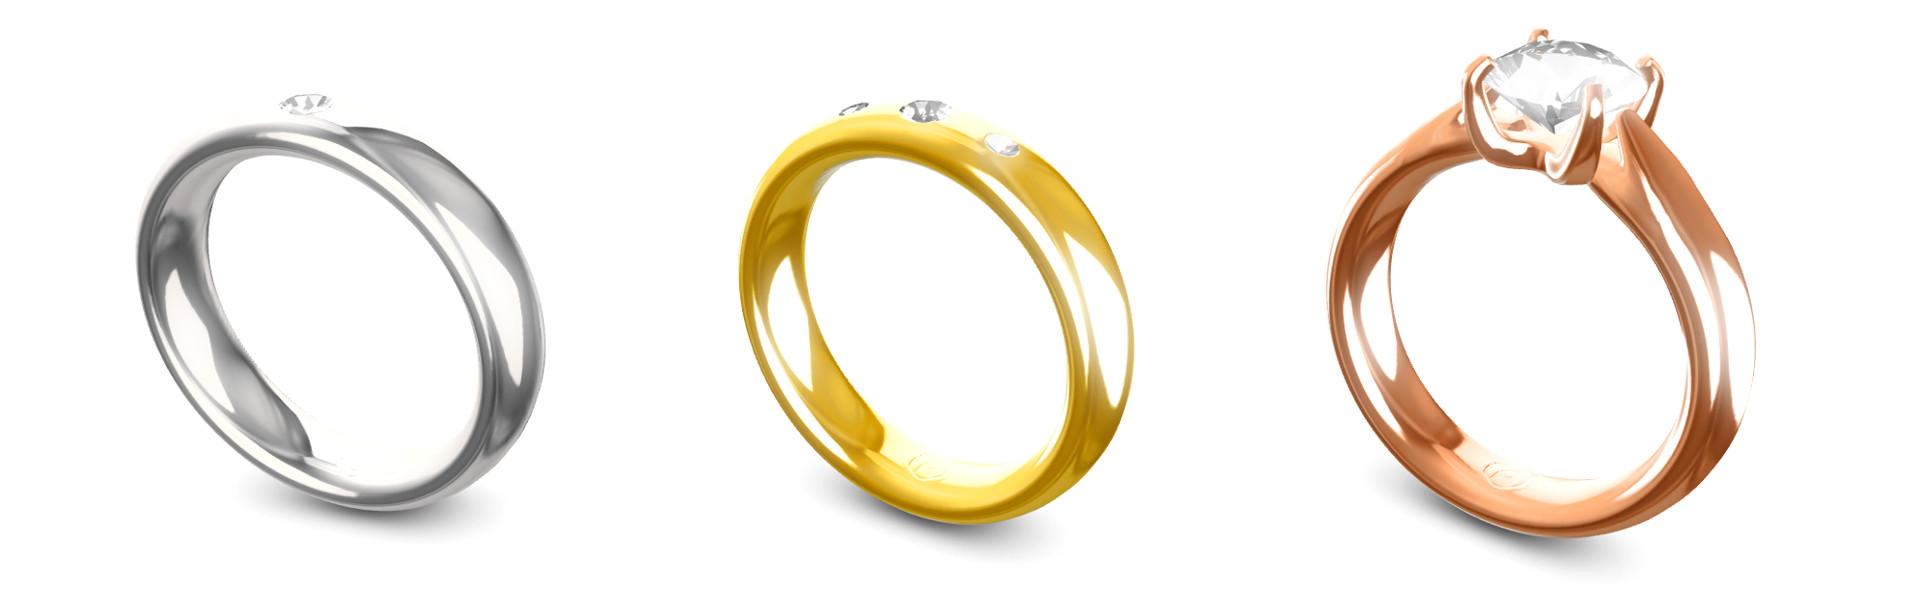 slider_rings